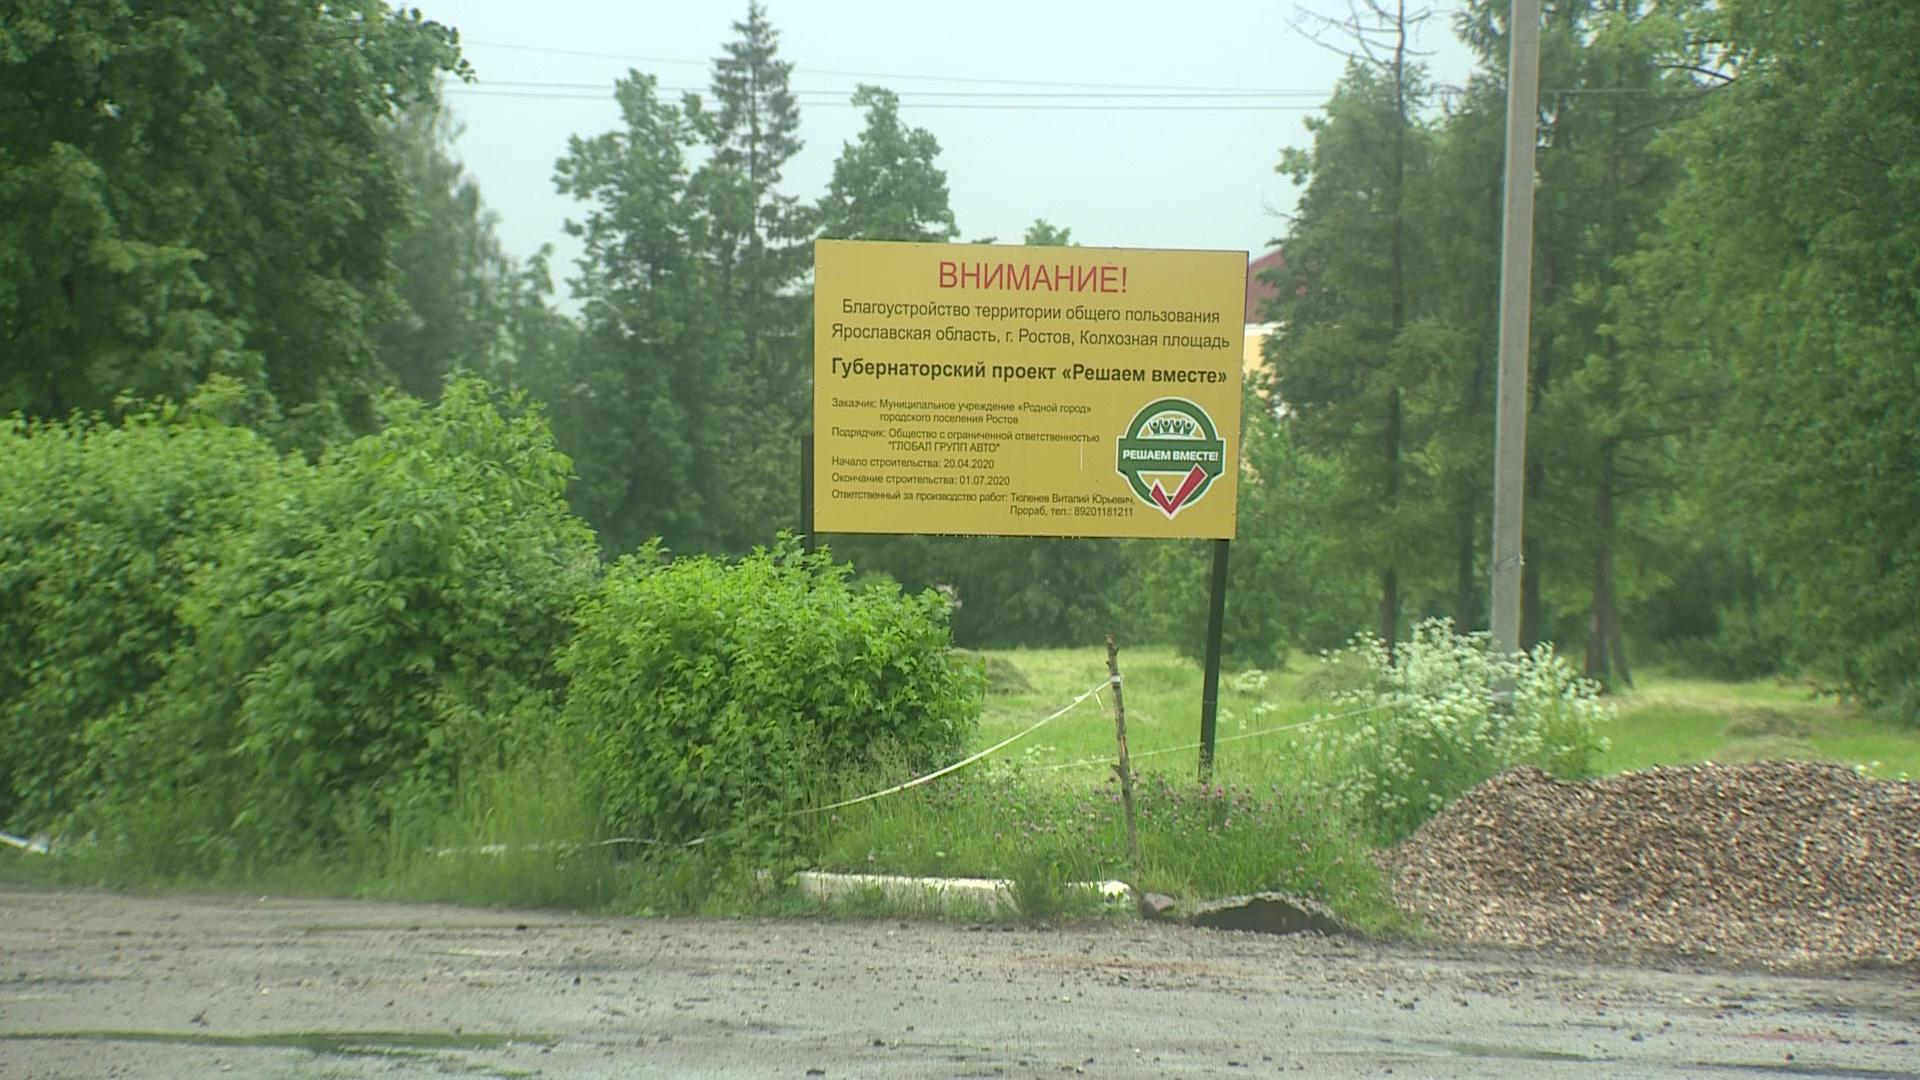 В Ростове благоустраивают Колхозную площадь